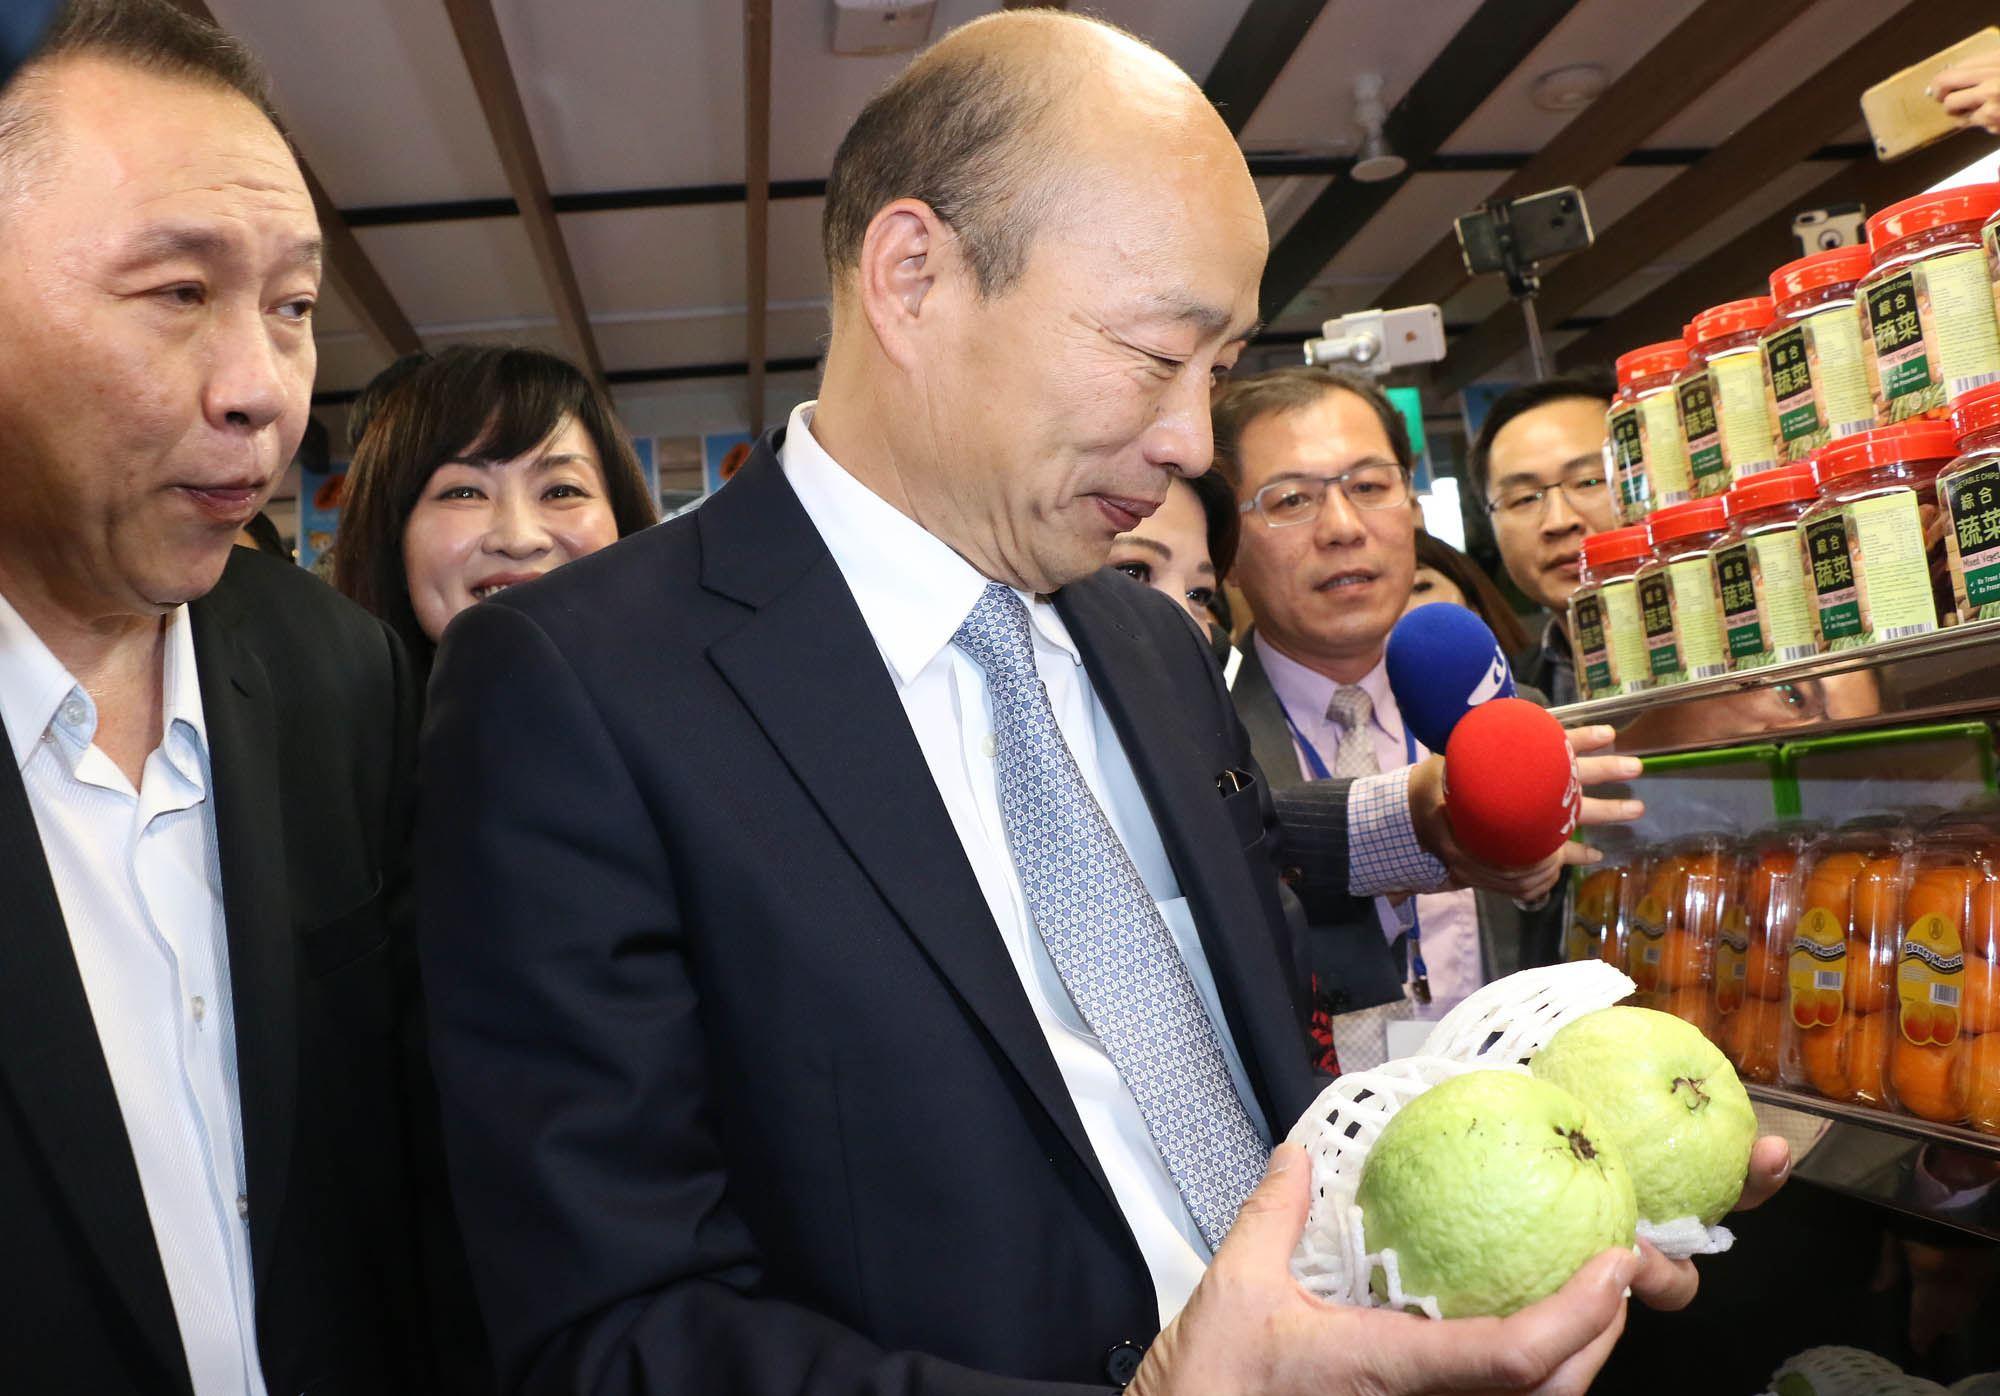 20190226續與新加坡昇菘超市簽約 韓國瑜:農產首重品質-通稿五.JPG.jpg